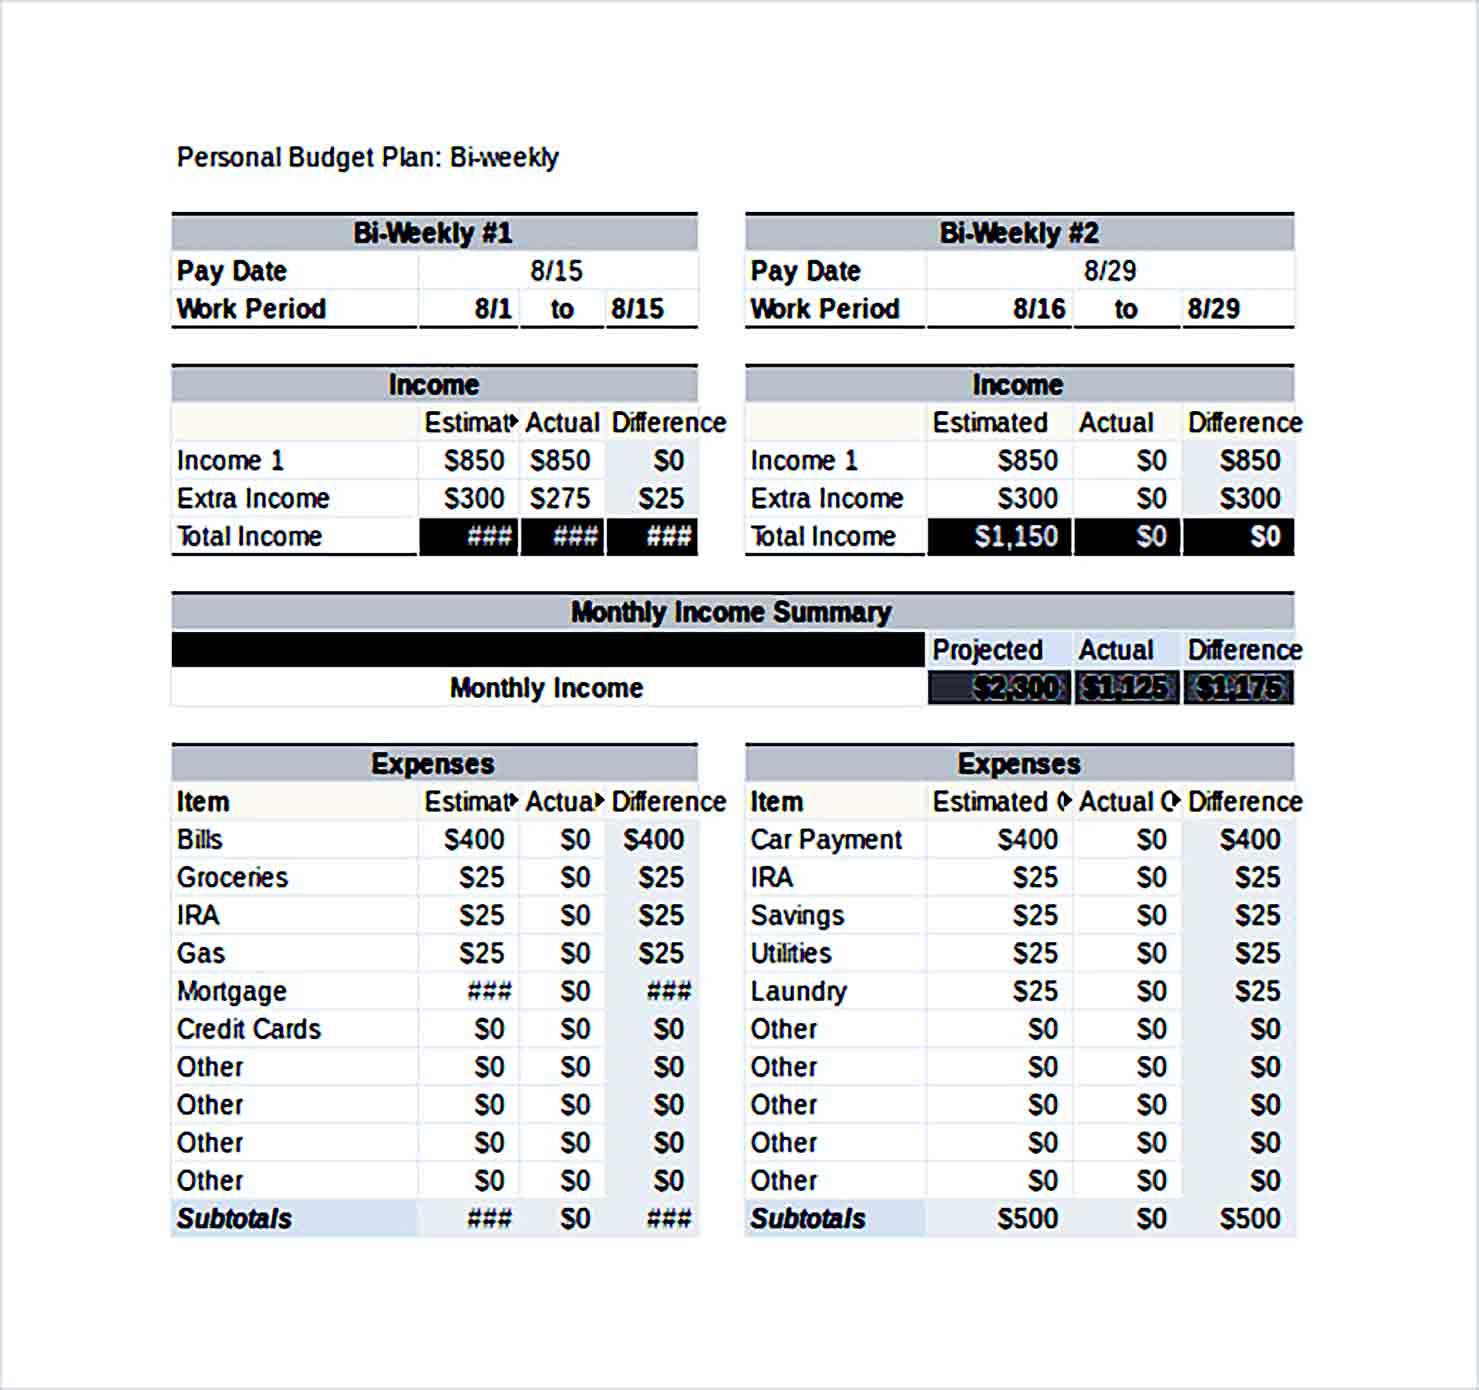 Sample Bi Weekly Personal Budget Excel File 1 1